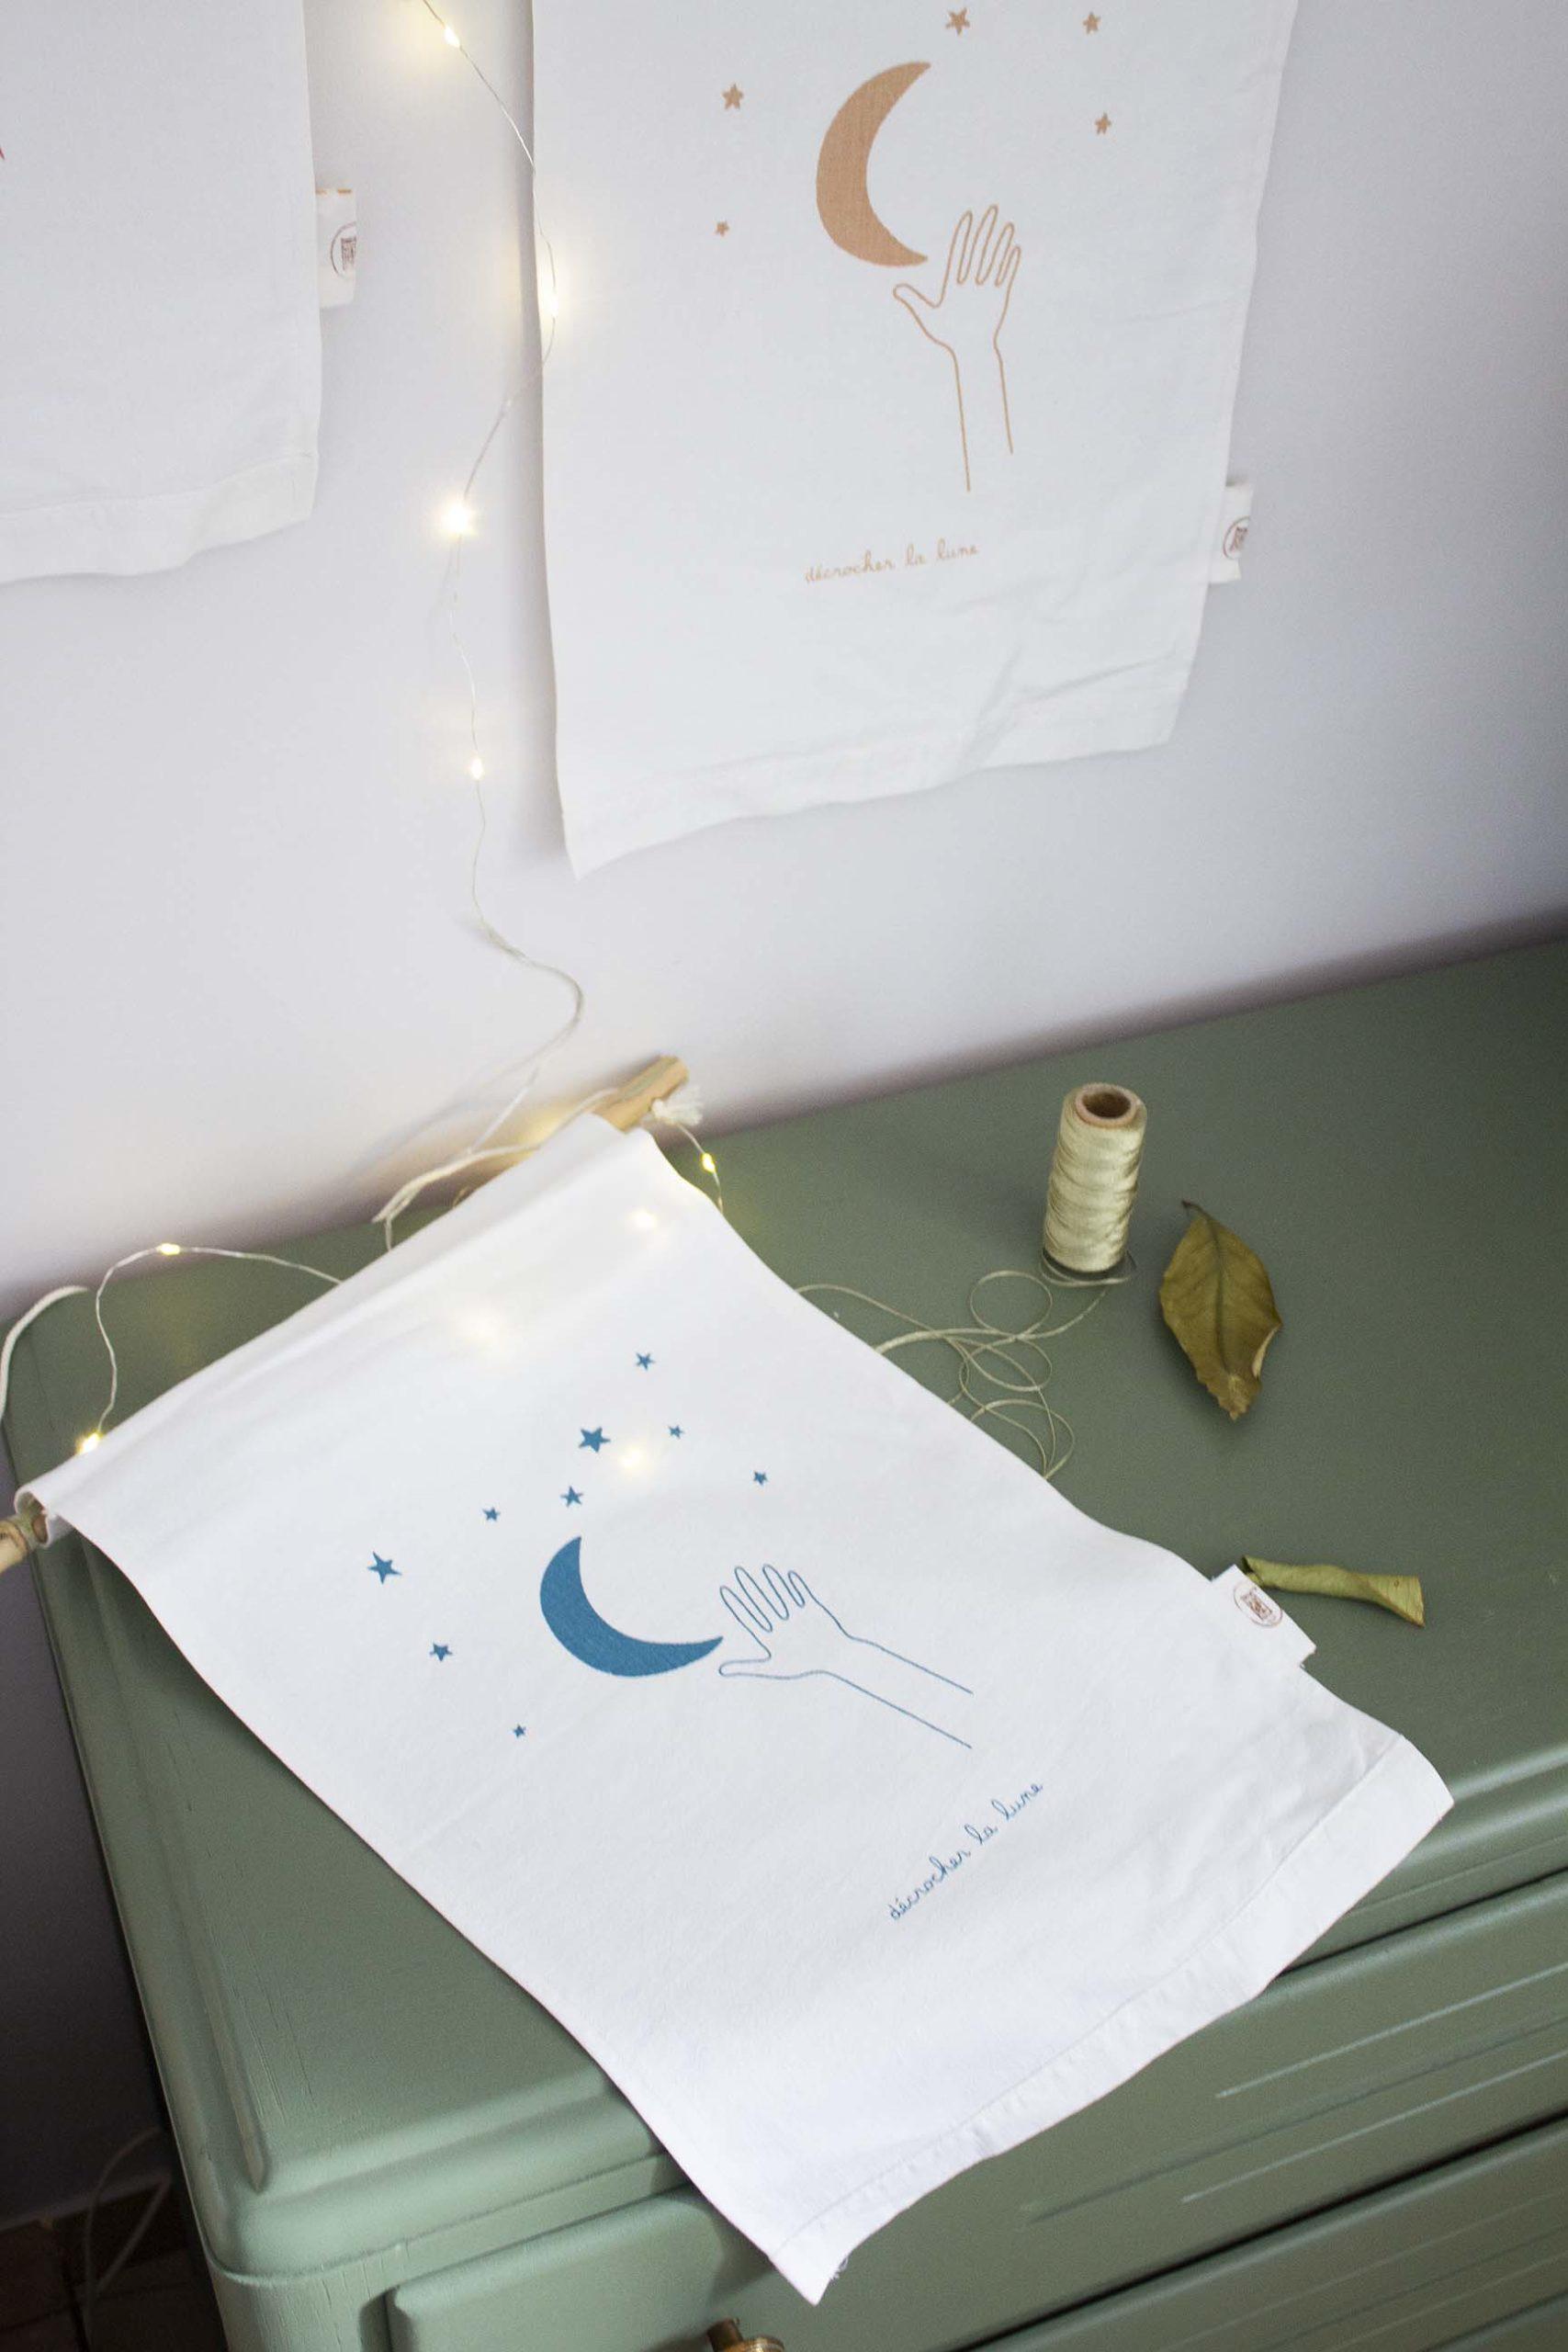 affiche-tissu-grandformat-dll-bleu-latelierdesorg-serigraphie